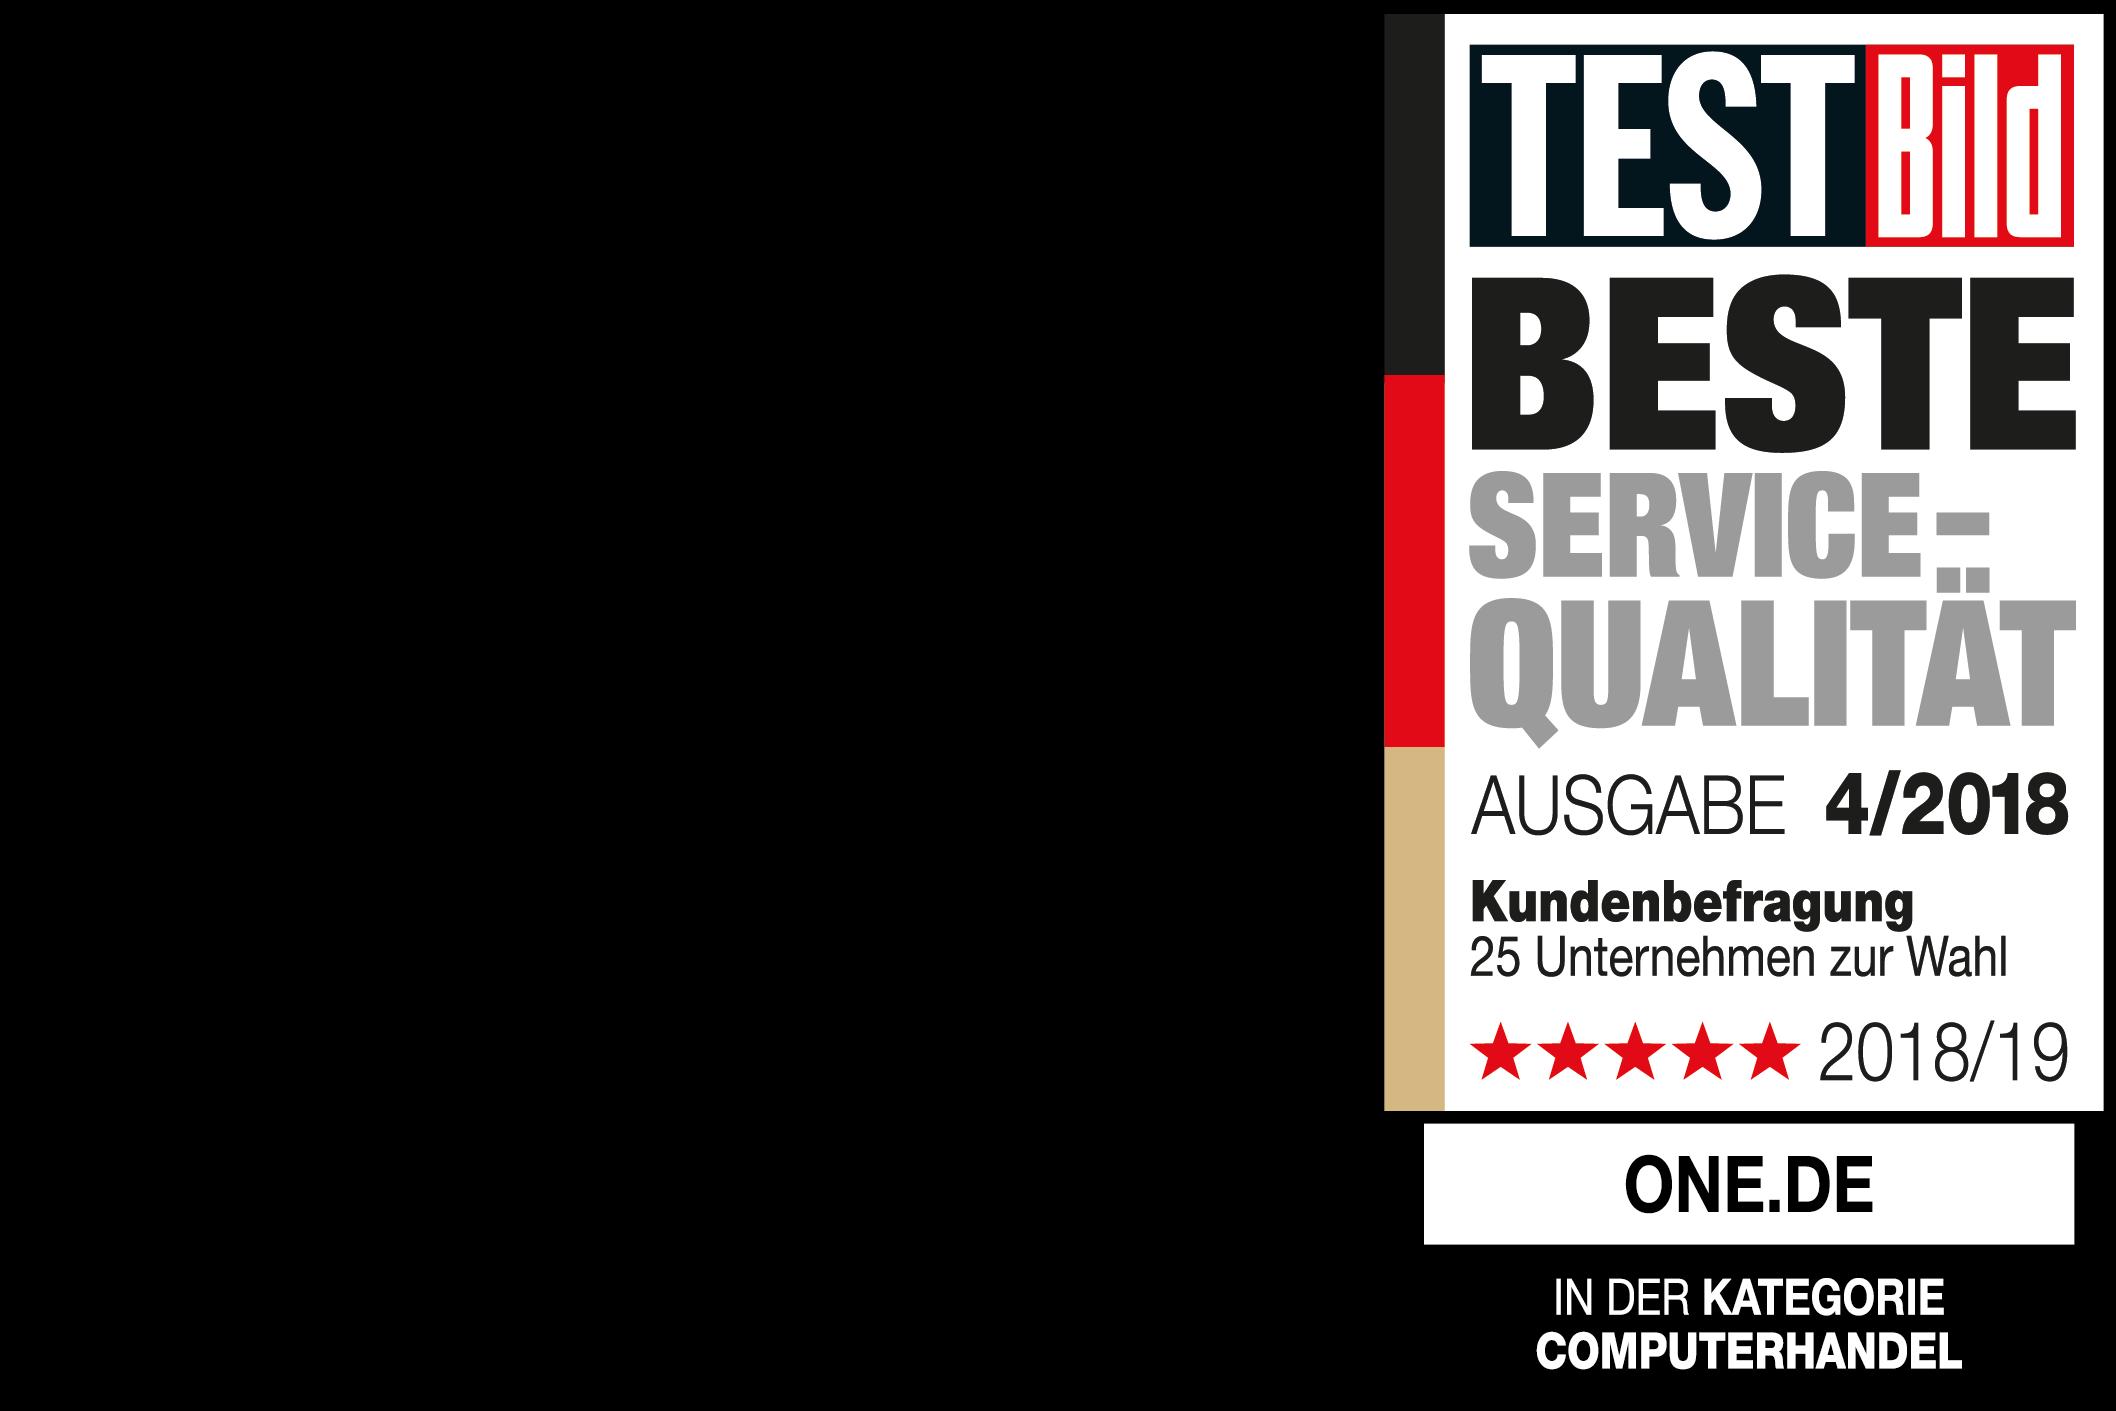 TEST Bild Beste Servive-Qualitaet